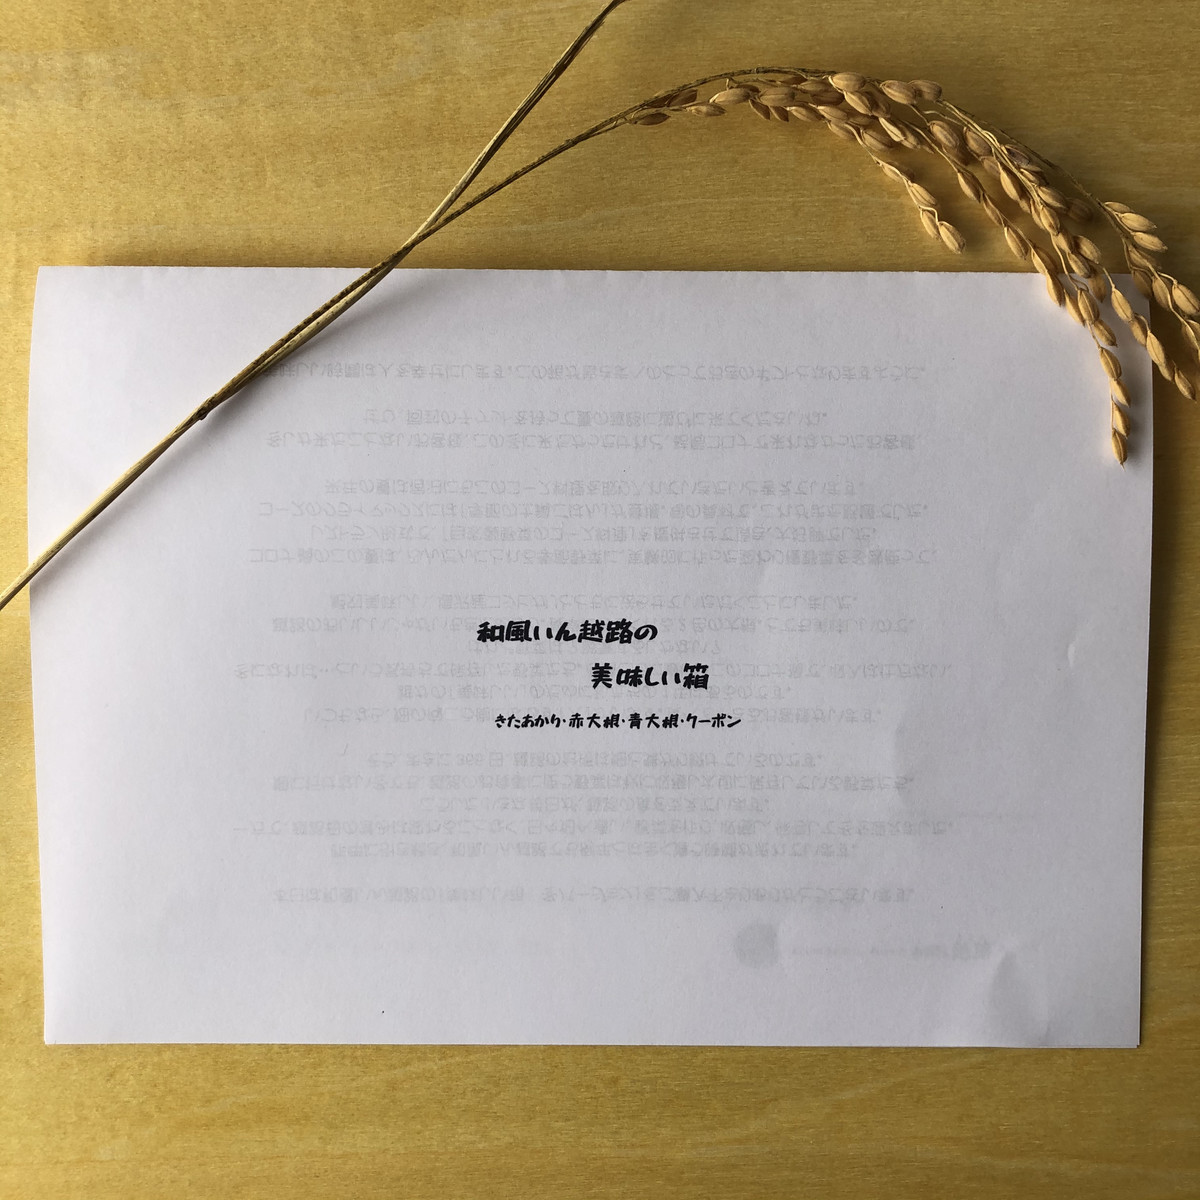 f:id:koshiji:20210110152956j:plain